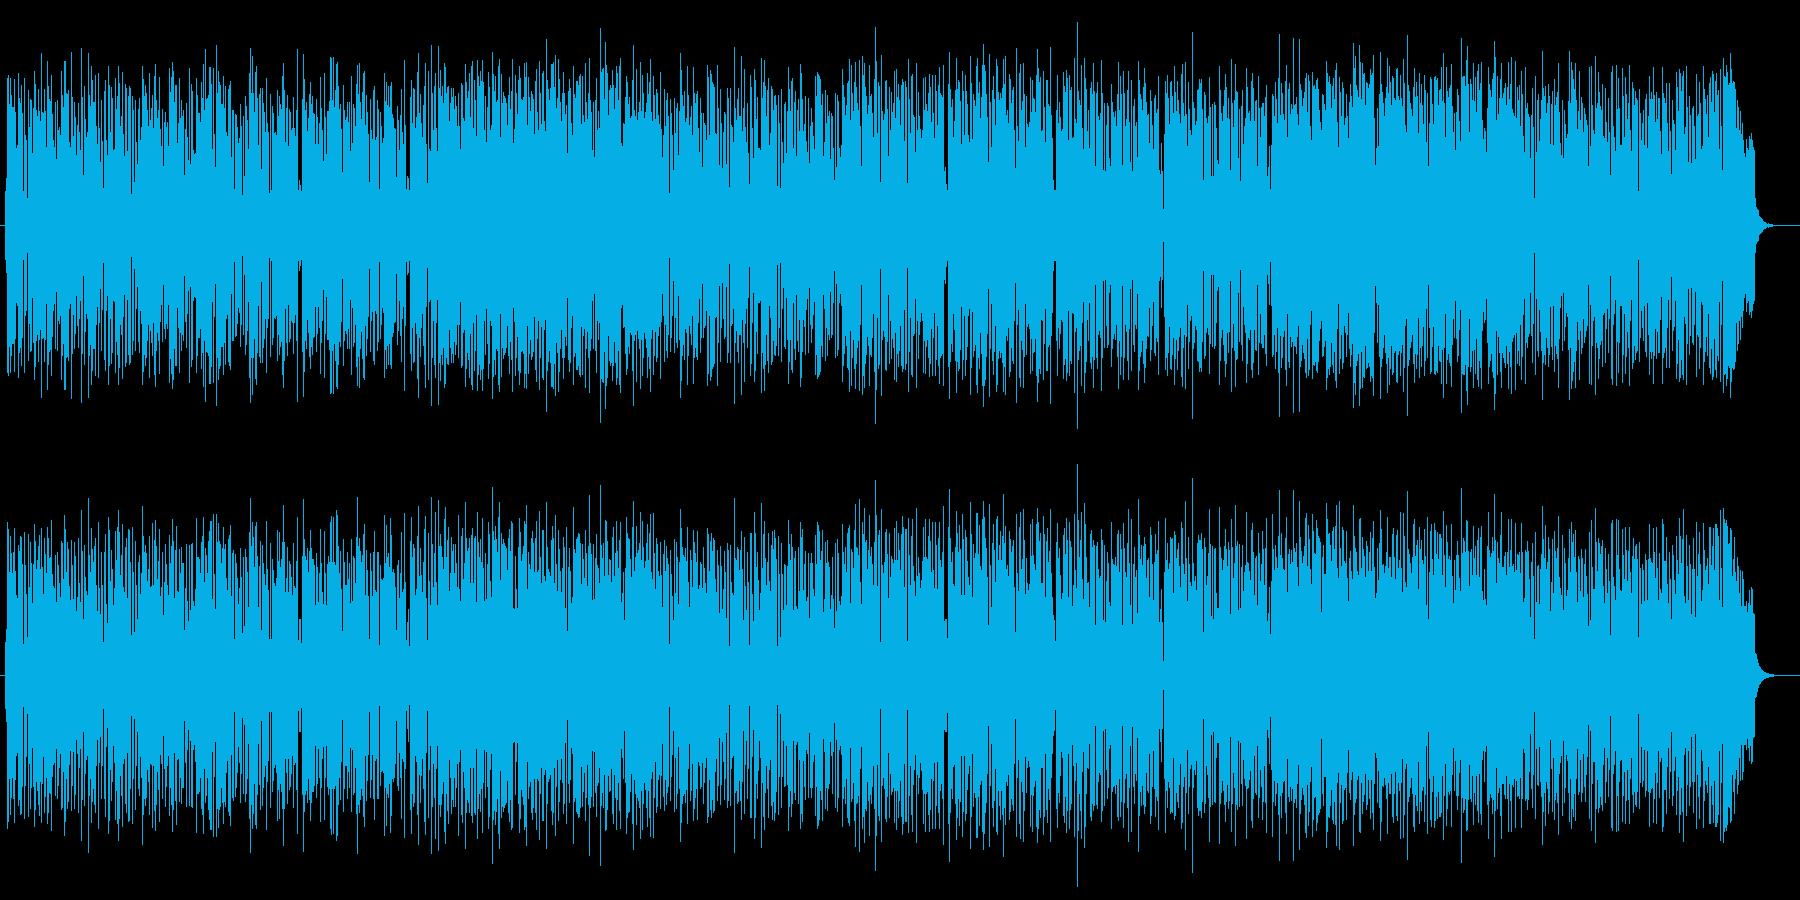 快適で心地よいミュージックの再生済みの波形